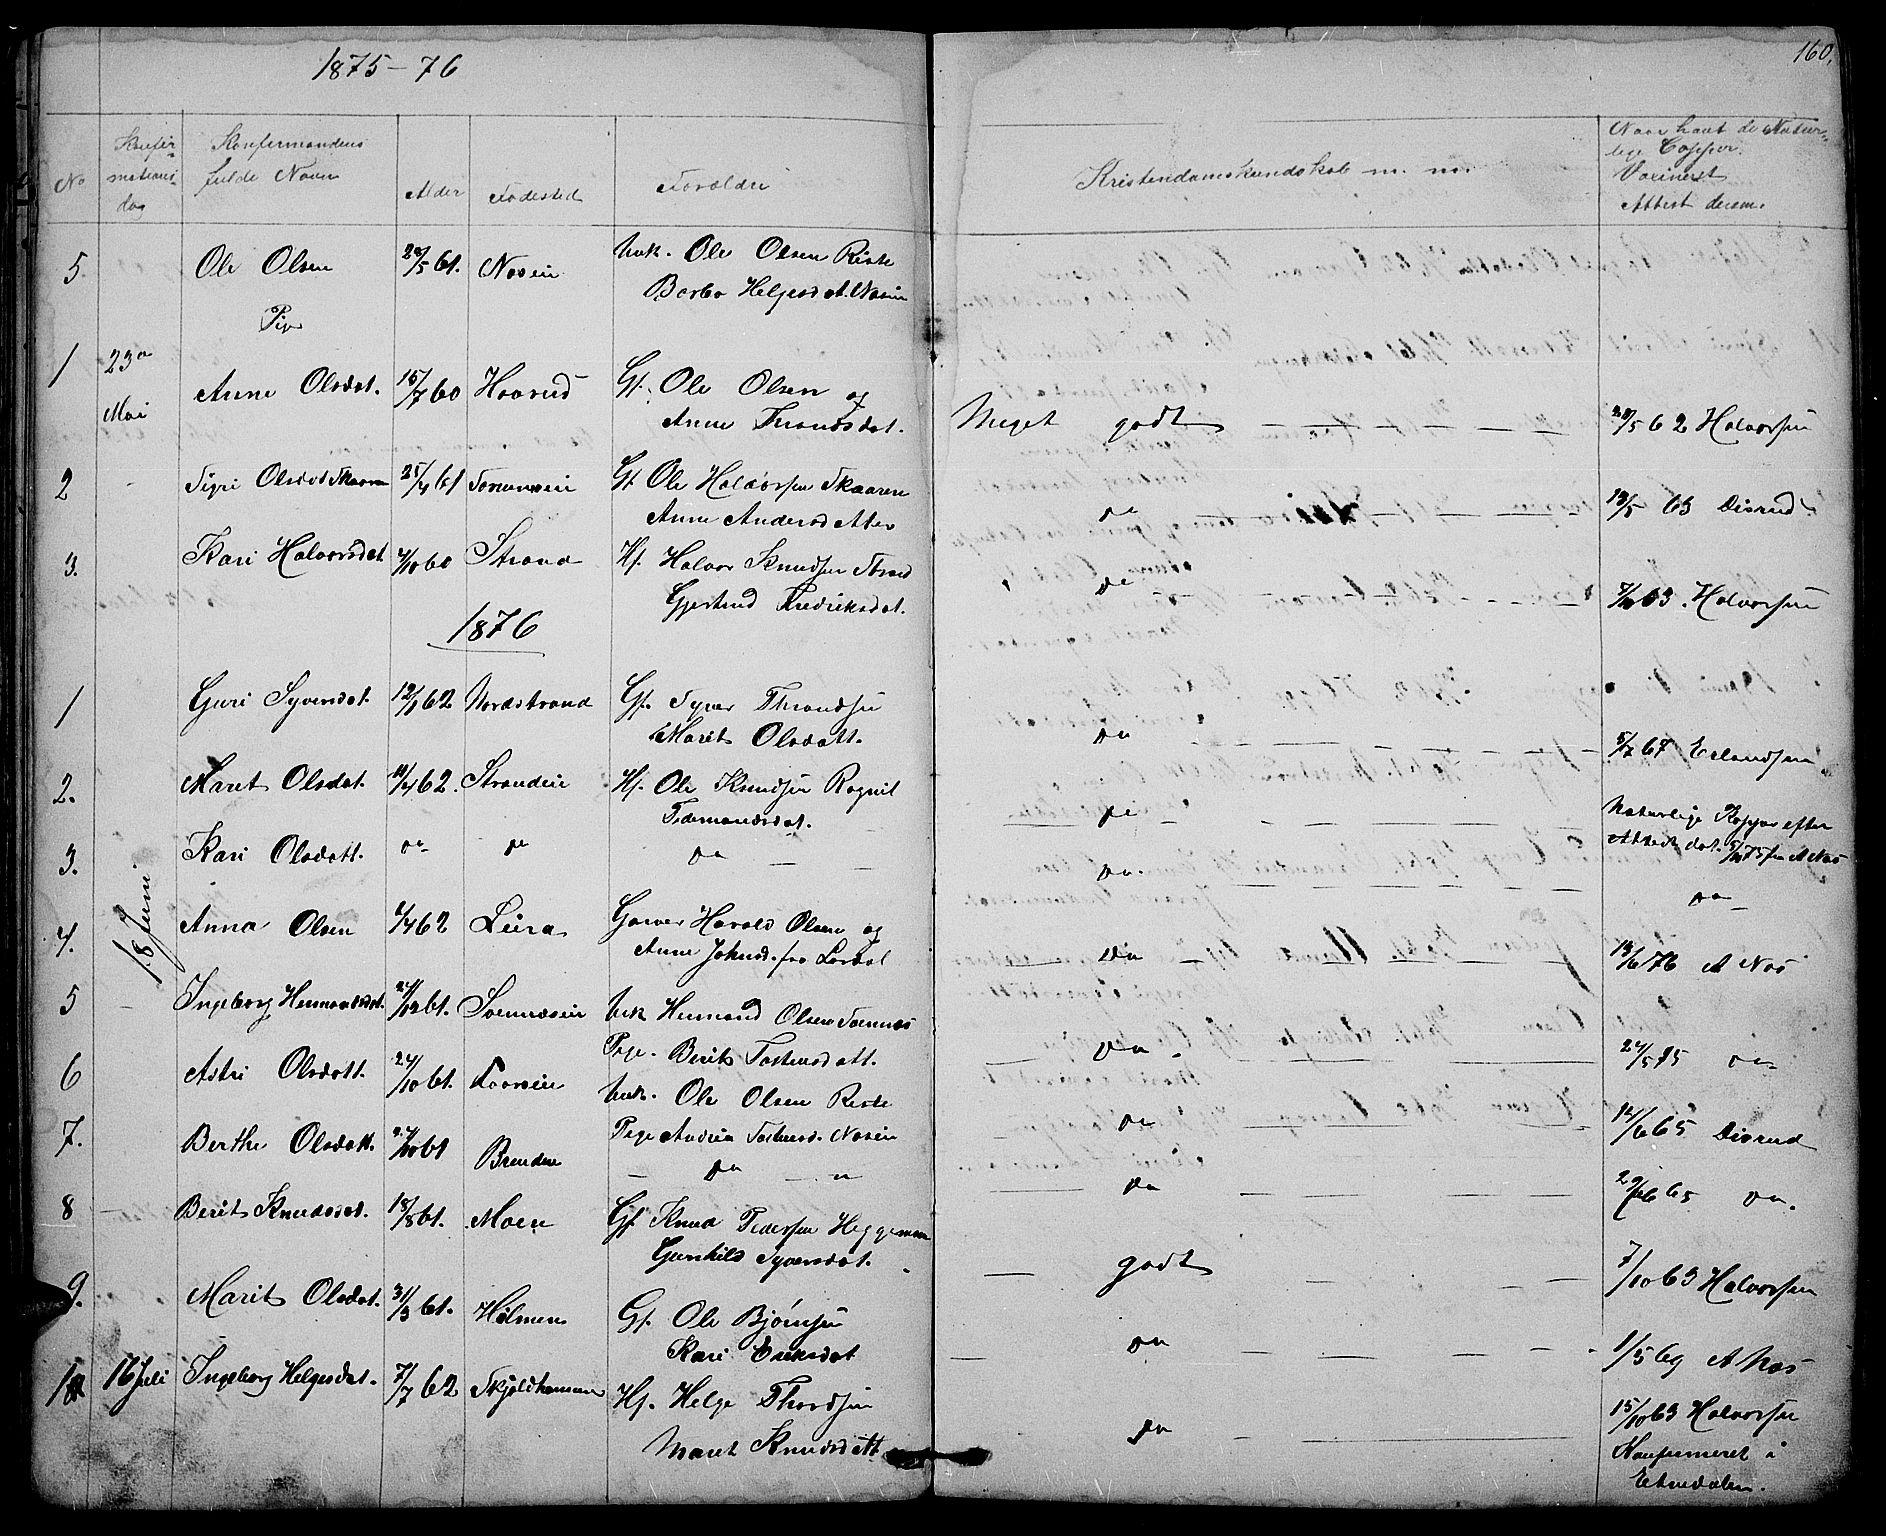 SAH, Nord-Aurdal prestekontor, Klokkerbok nr. 3, 1842-1882, s. 160